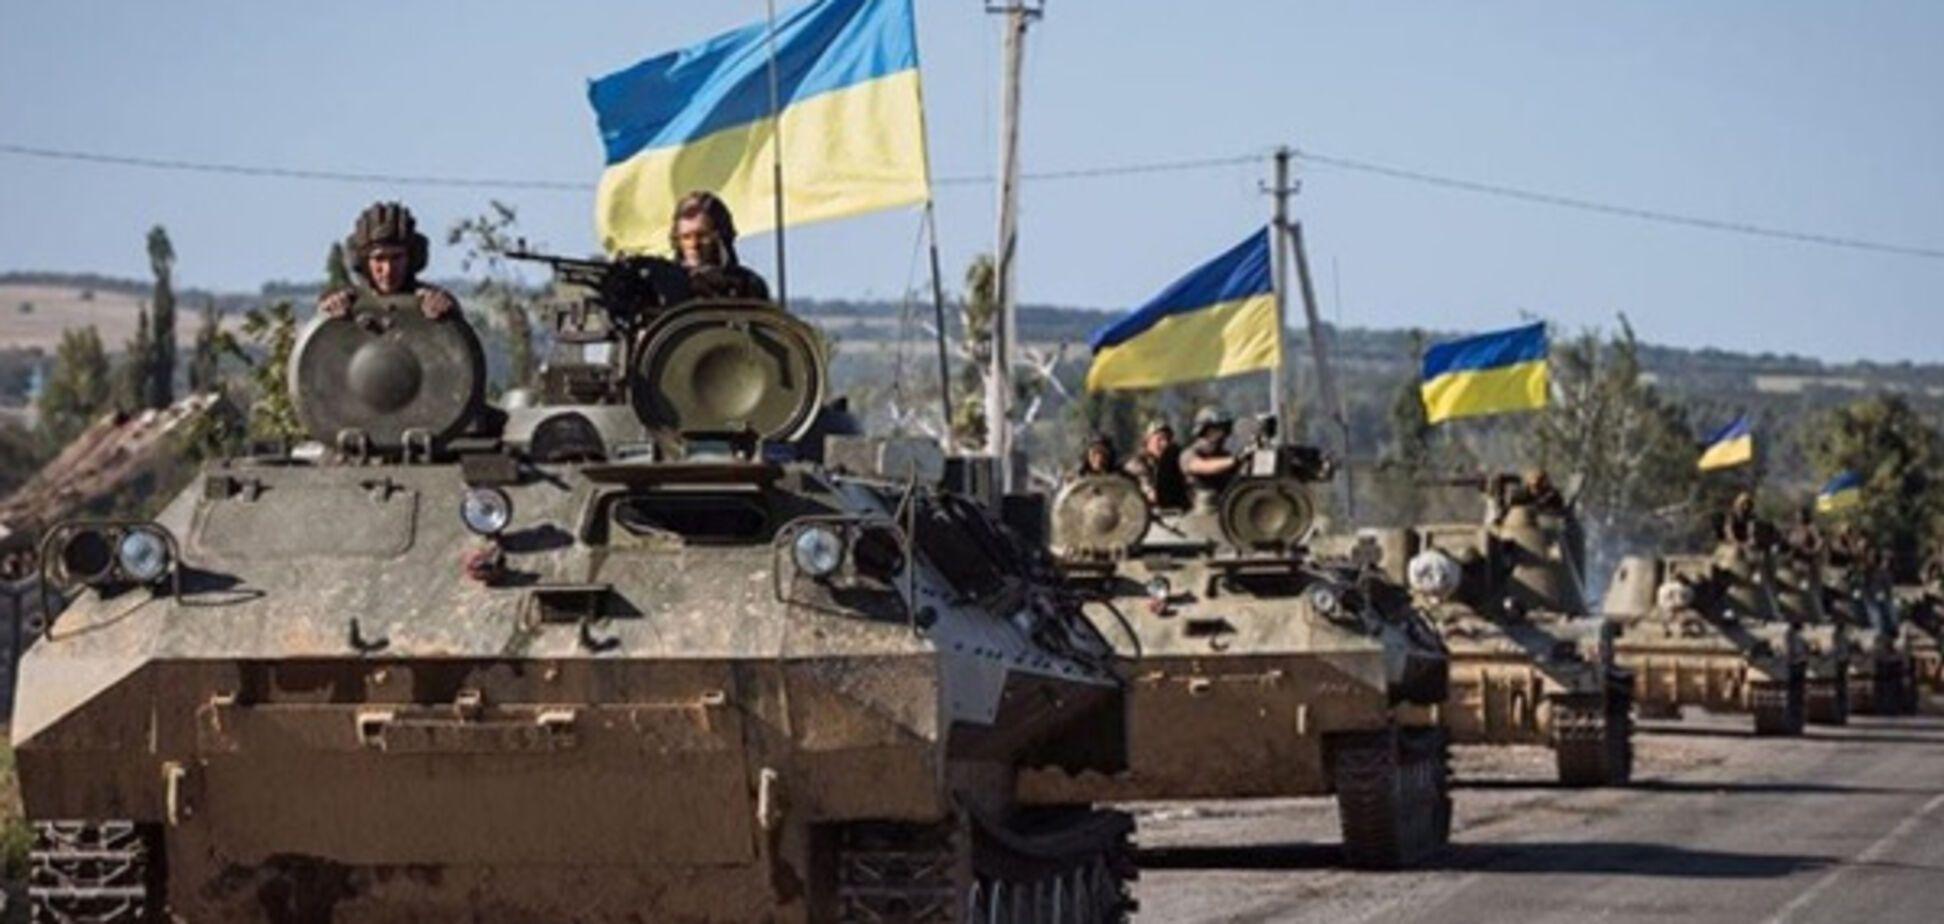 Збройні сили України готові до введення воєнного стану - Міноборони